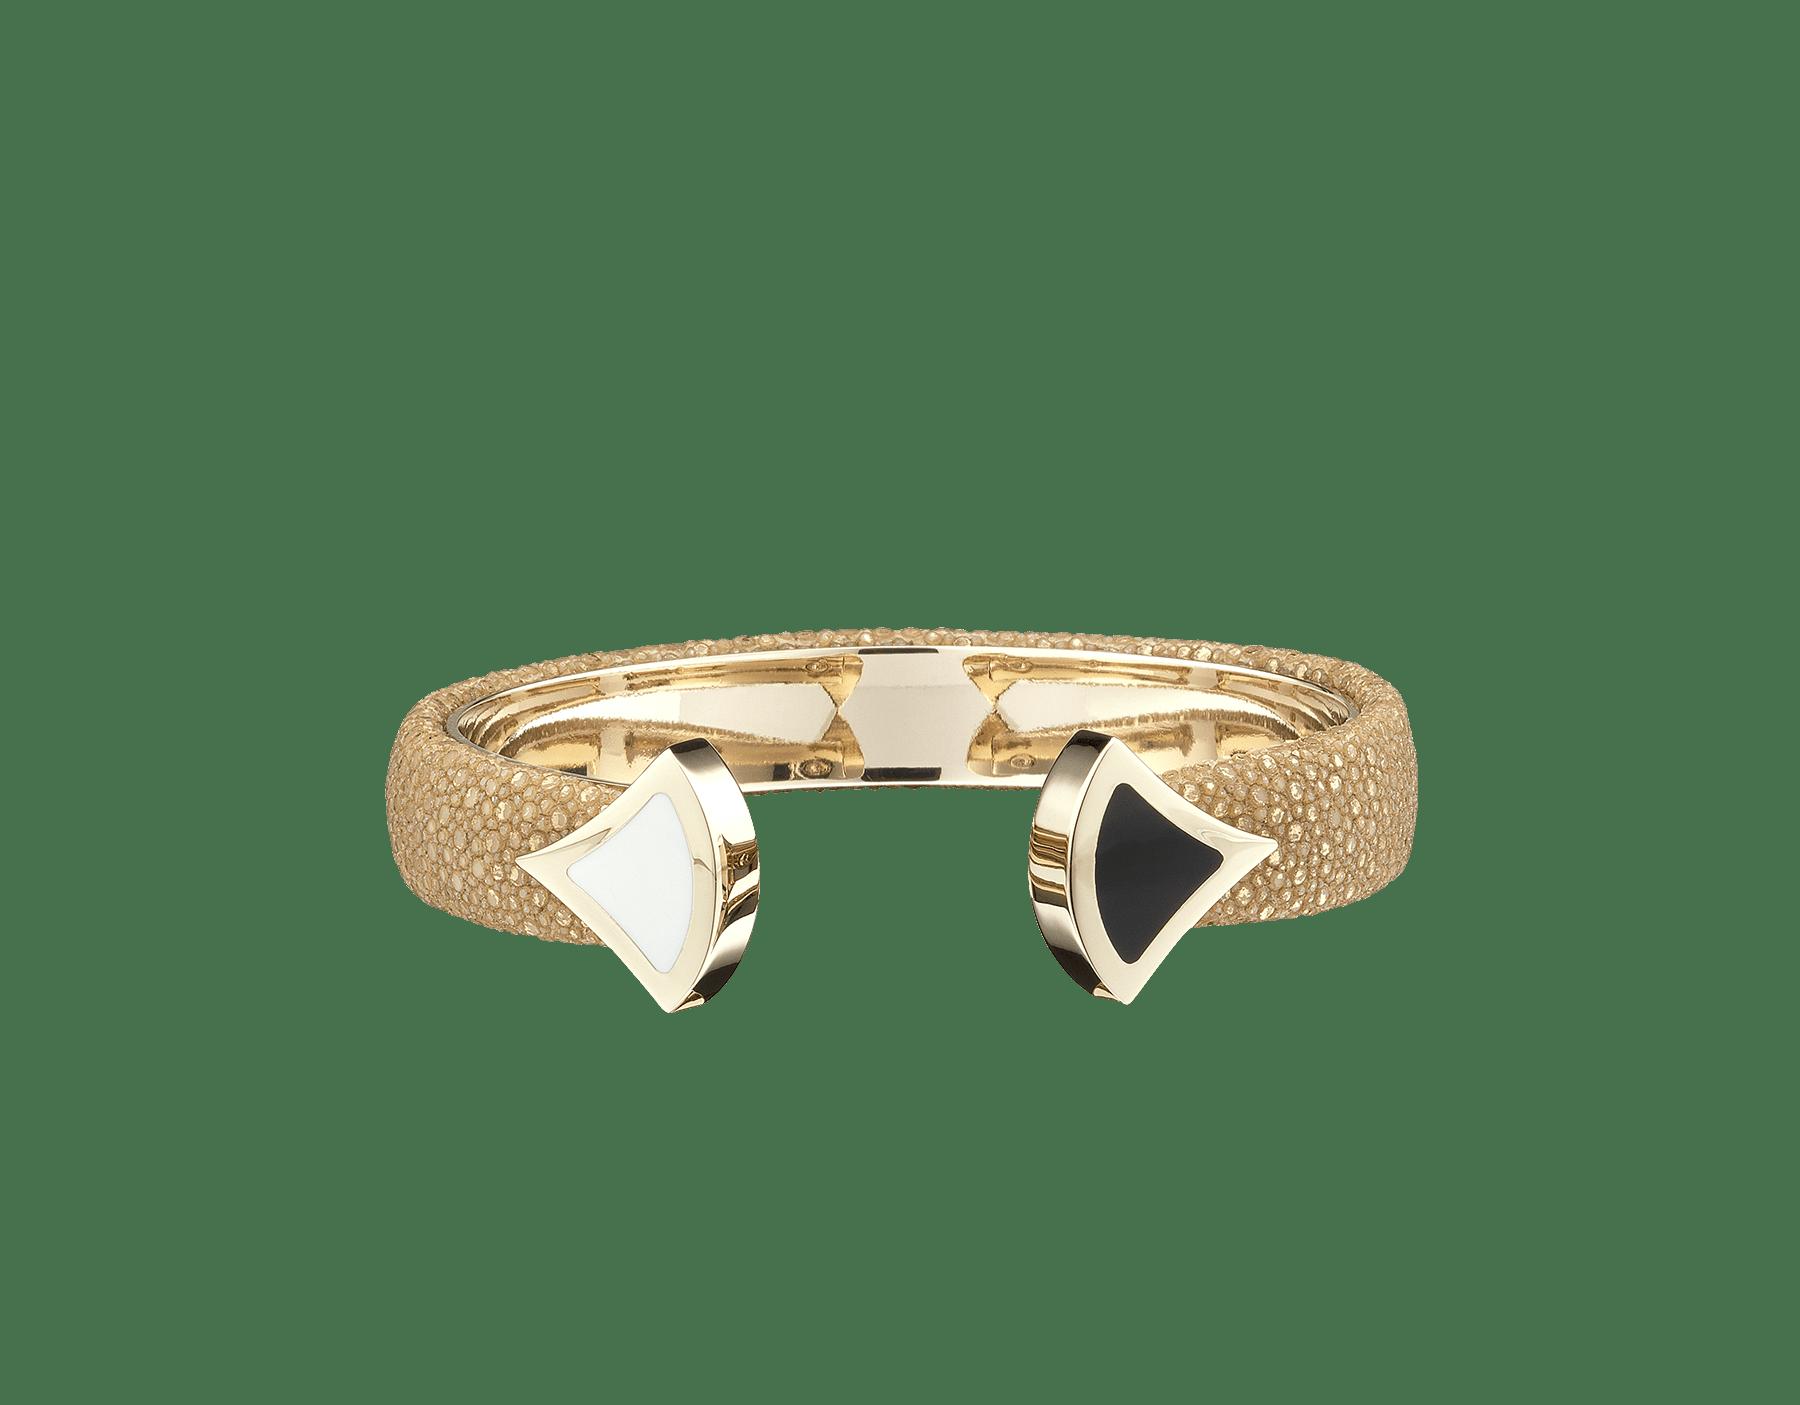 Pulsera de piel de galuchat en color zafiro real con emblemático cierre Contraire con motivo DIVAS' DREAM de latón bañado en oro claro y esmalte blanco y negro. DIVA-CONTRAIR-M image 2